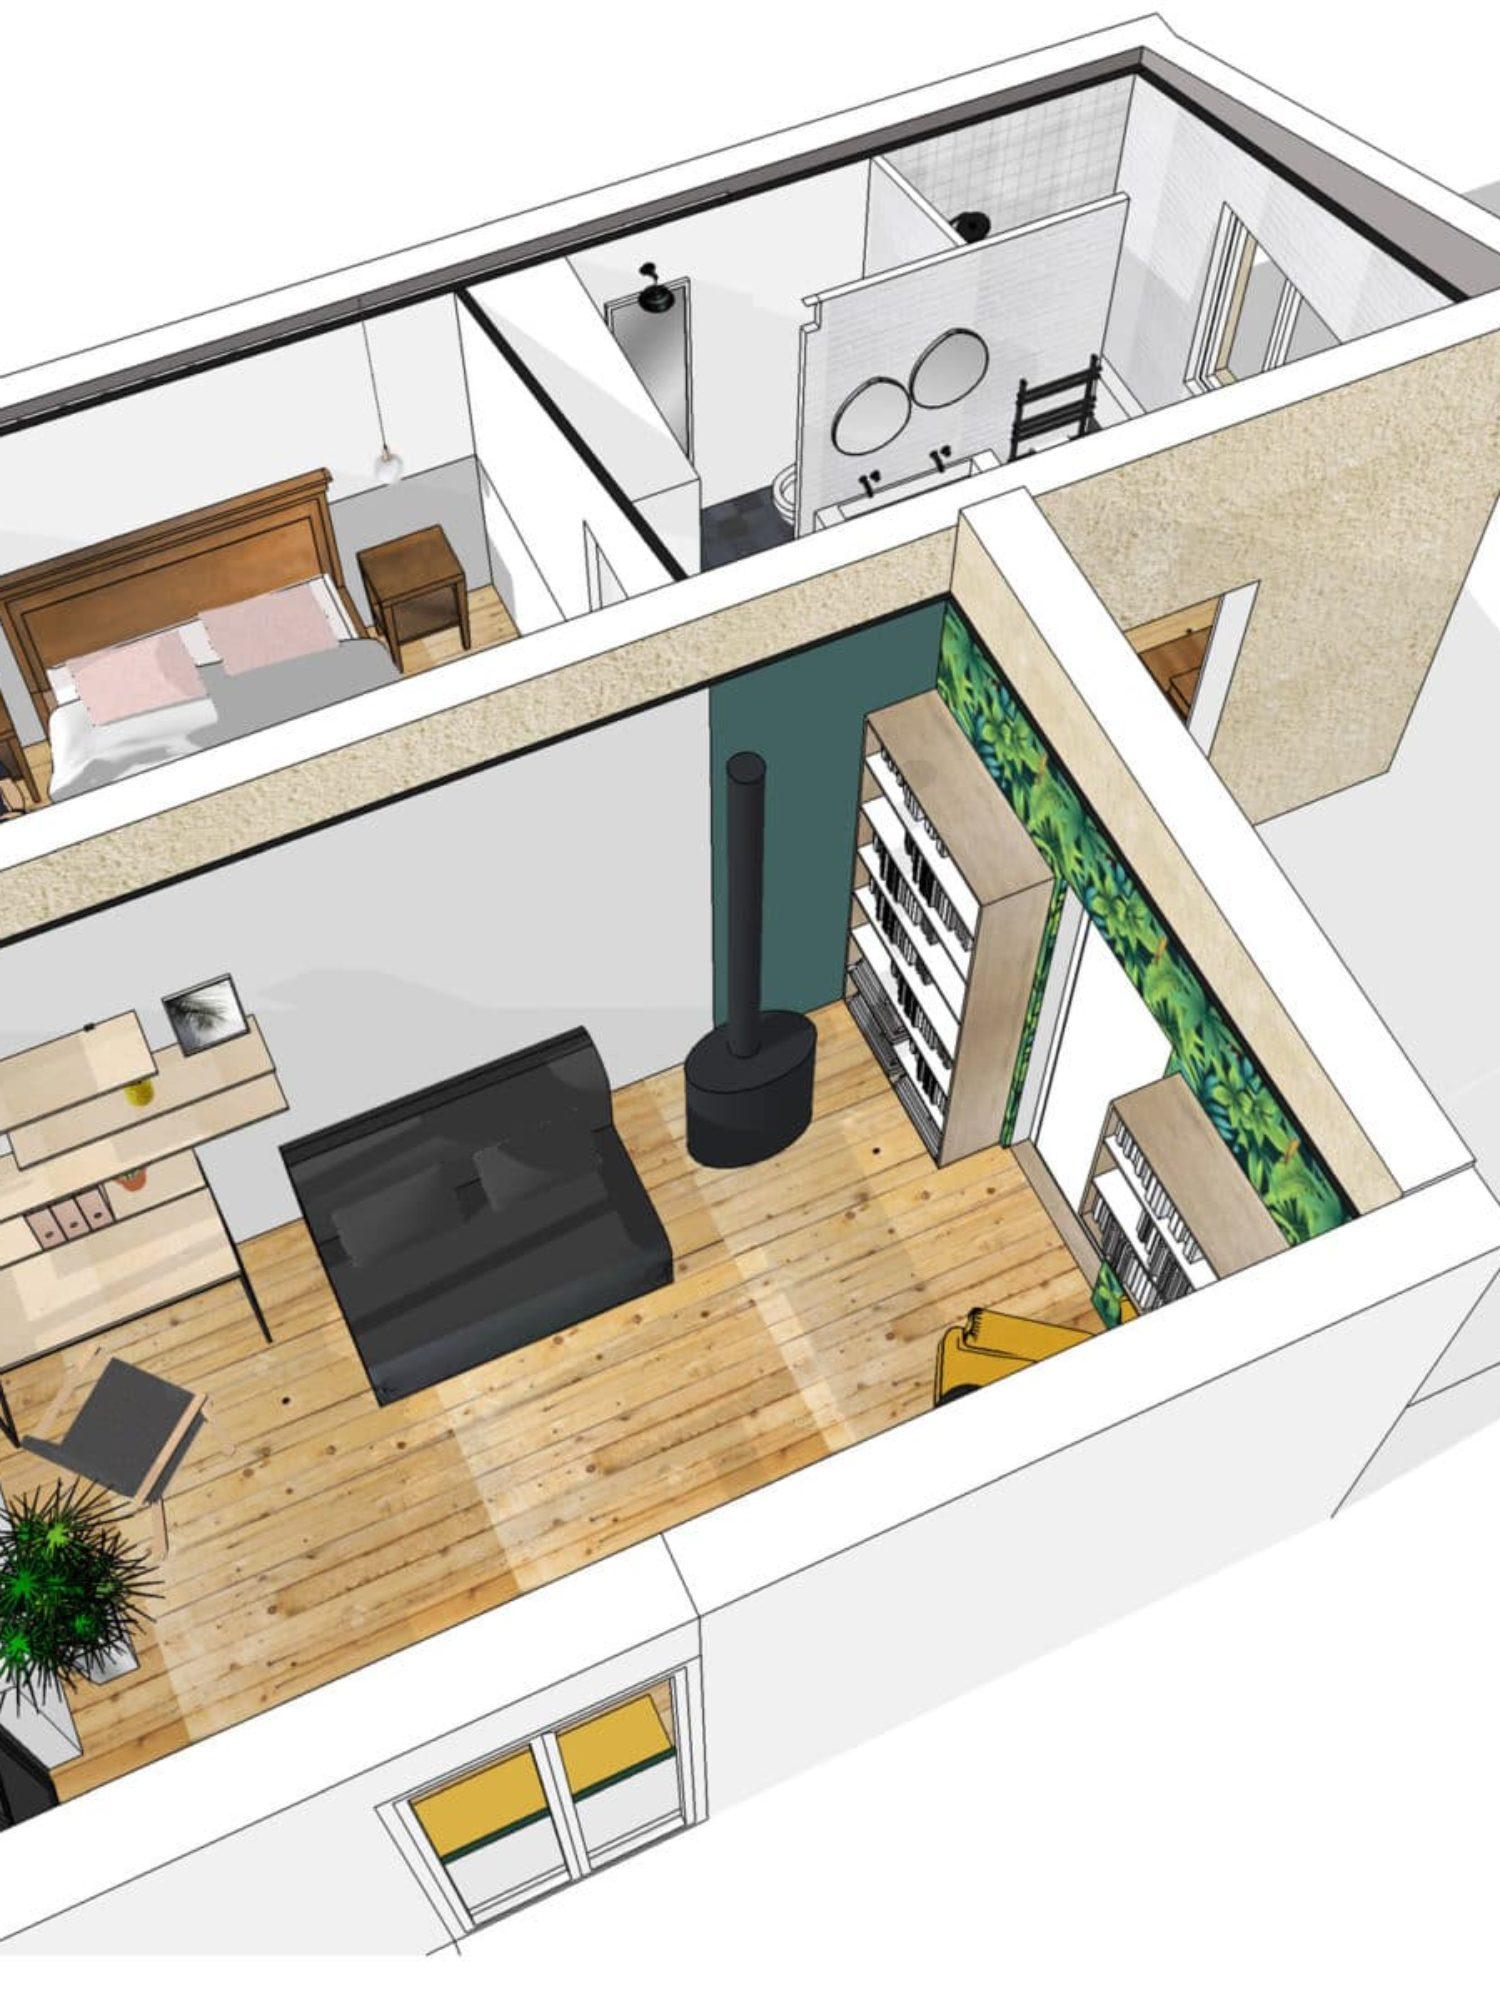 ARCHITECTURE D'INTÉRIEUR • Agrandissement et rénovation d'une maison en périphérie de Toulouse